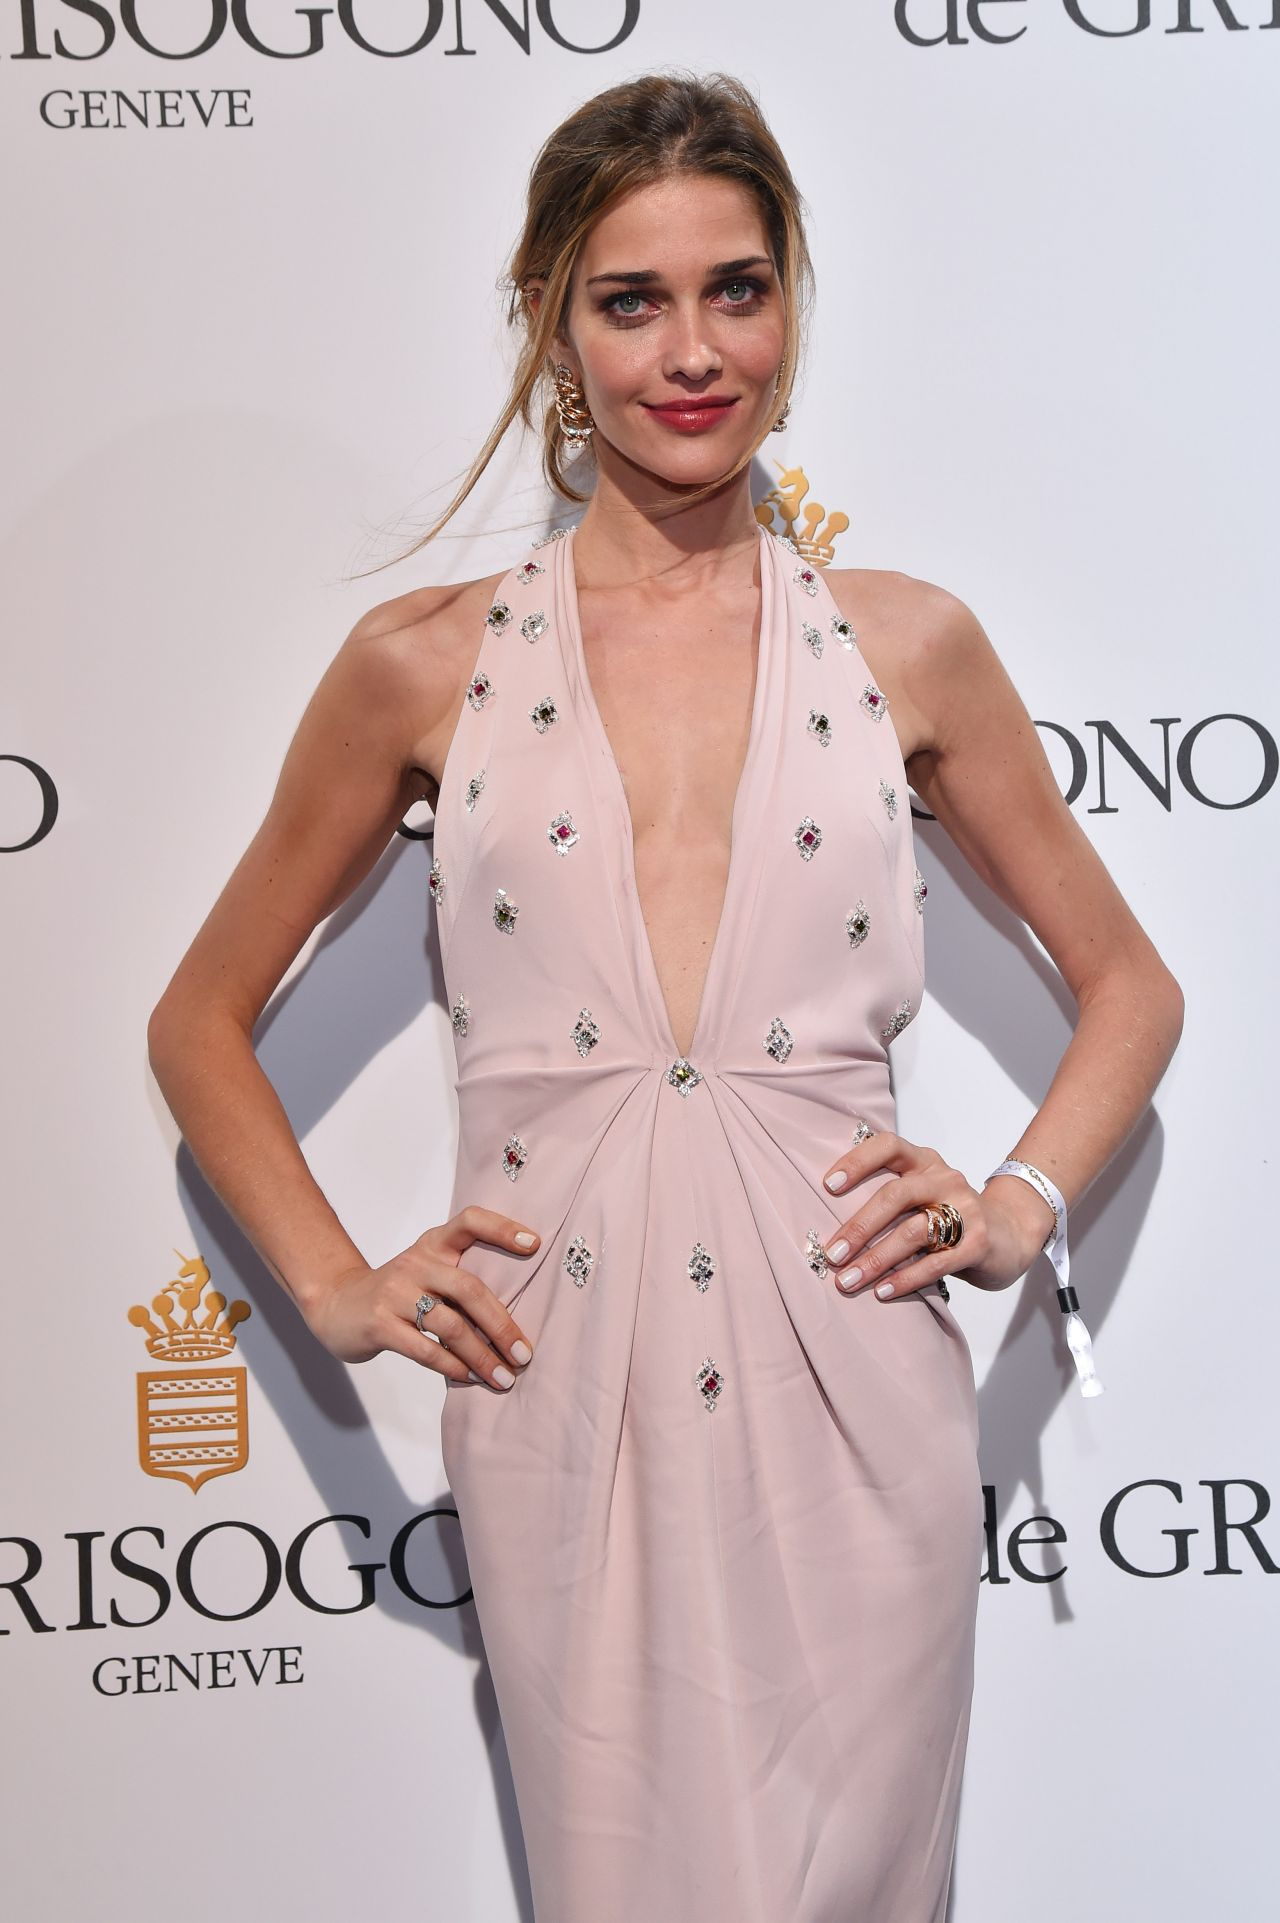 Ana Beatriz Barros – 'De Grisogono' Party in Cannes 5/17/2016